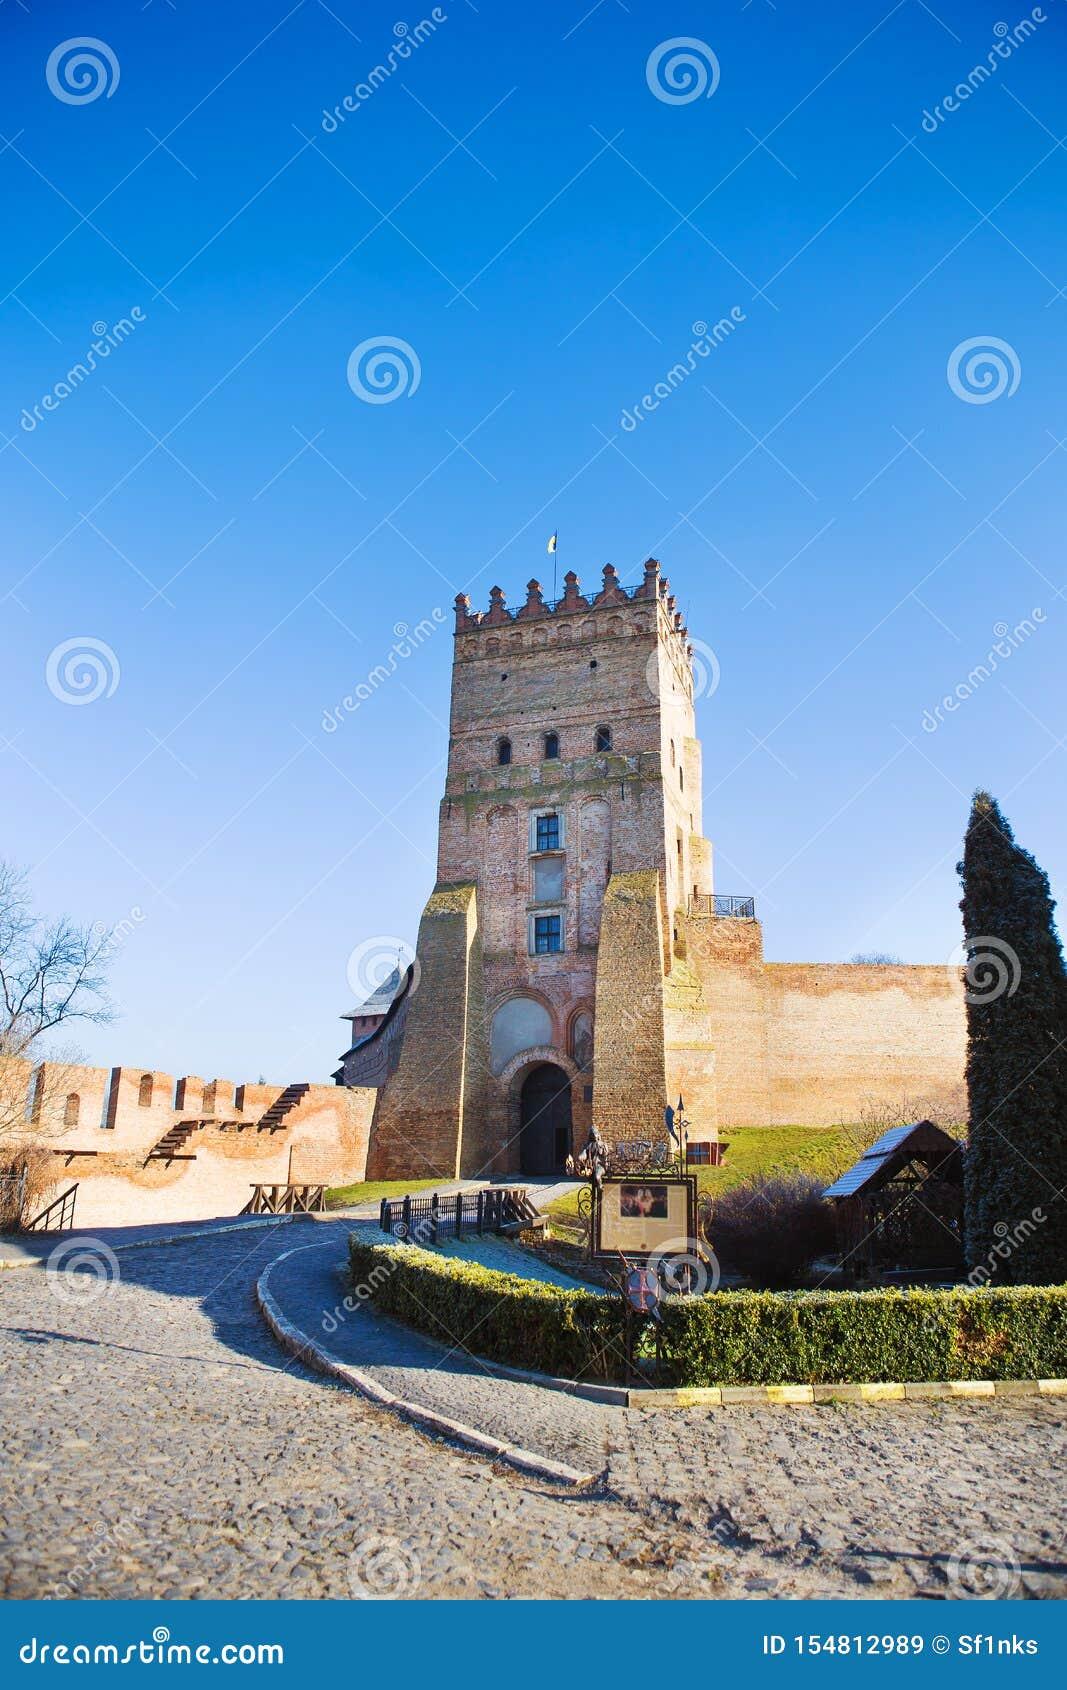 Beautiful old castle Lubart in Lutsk, Ukraine